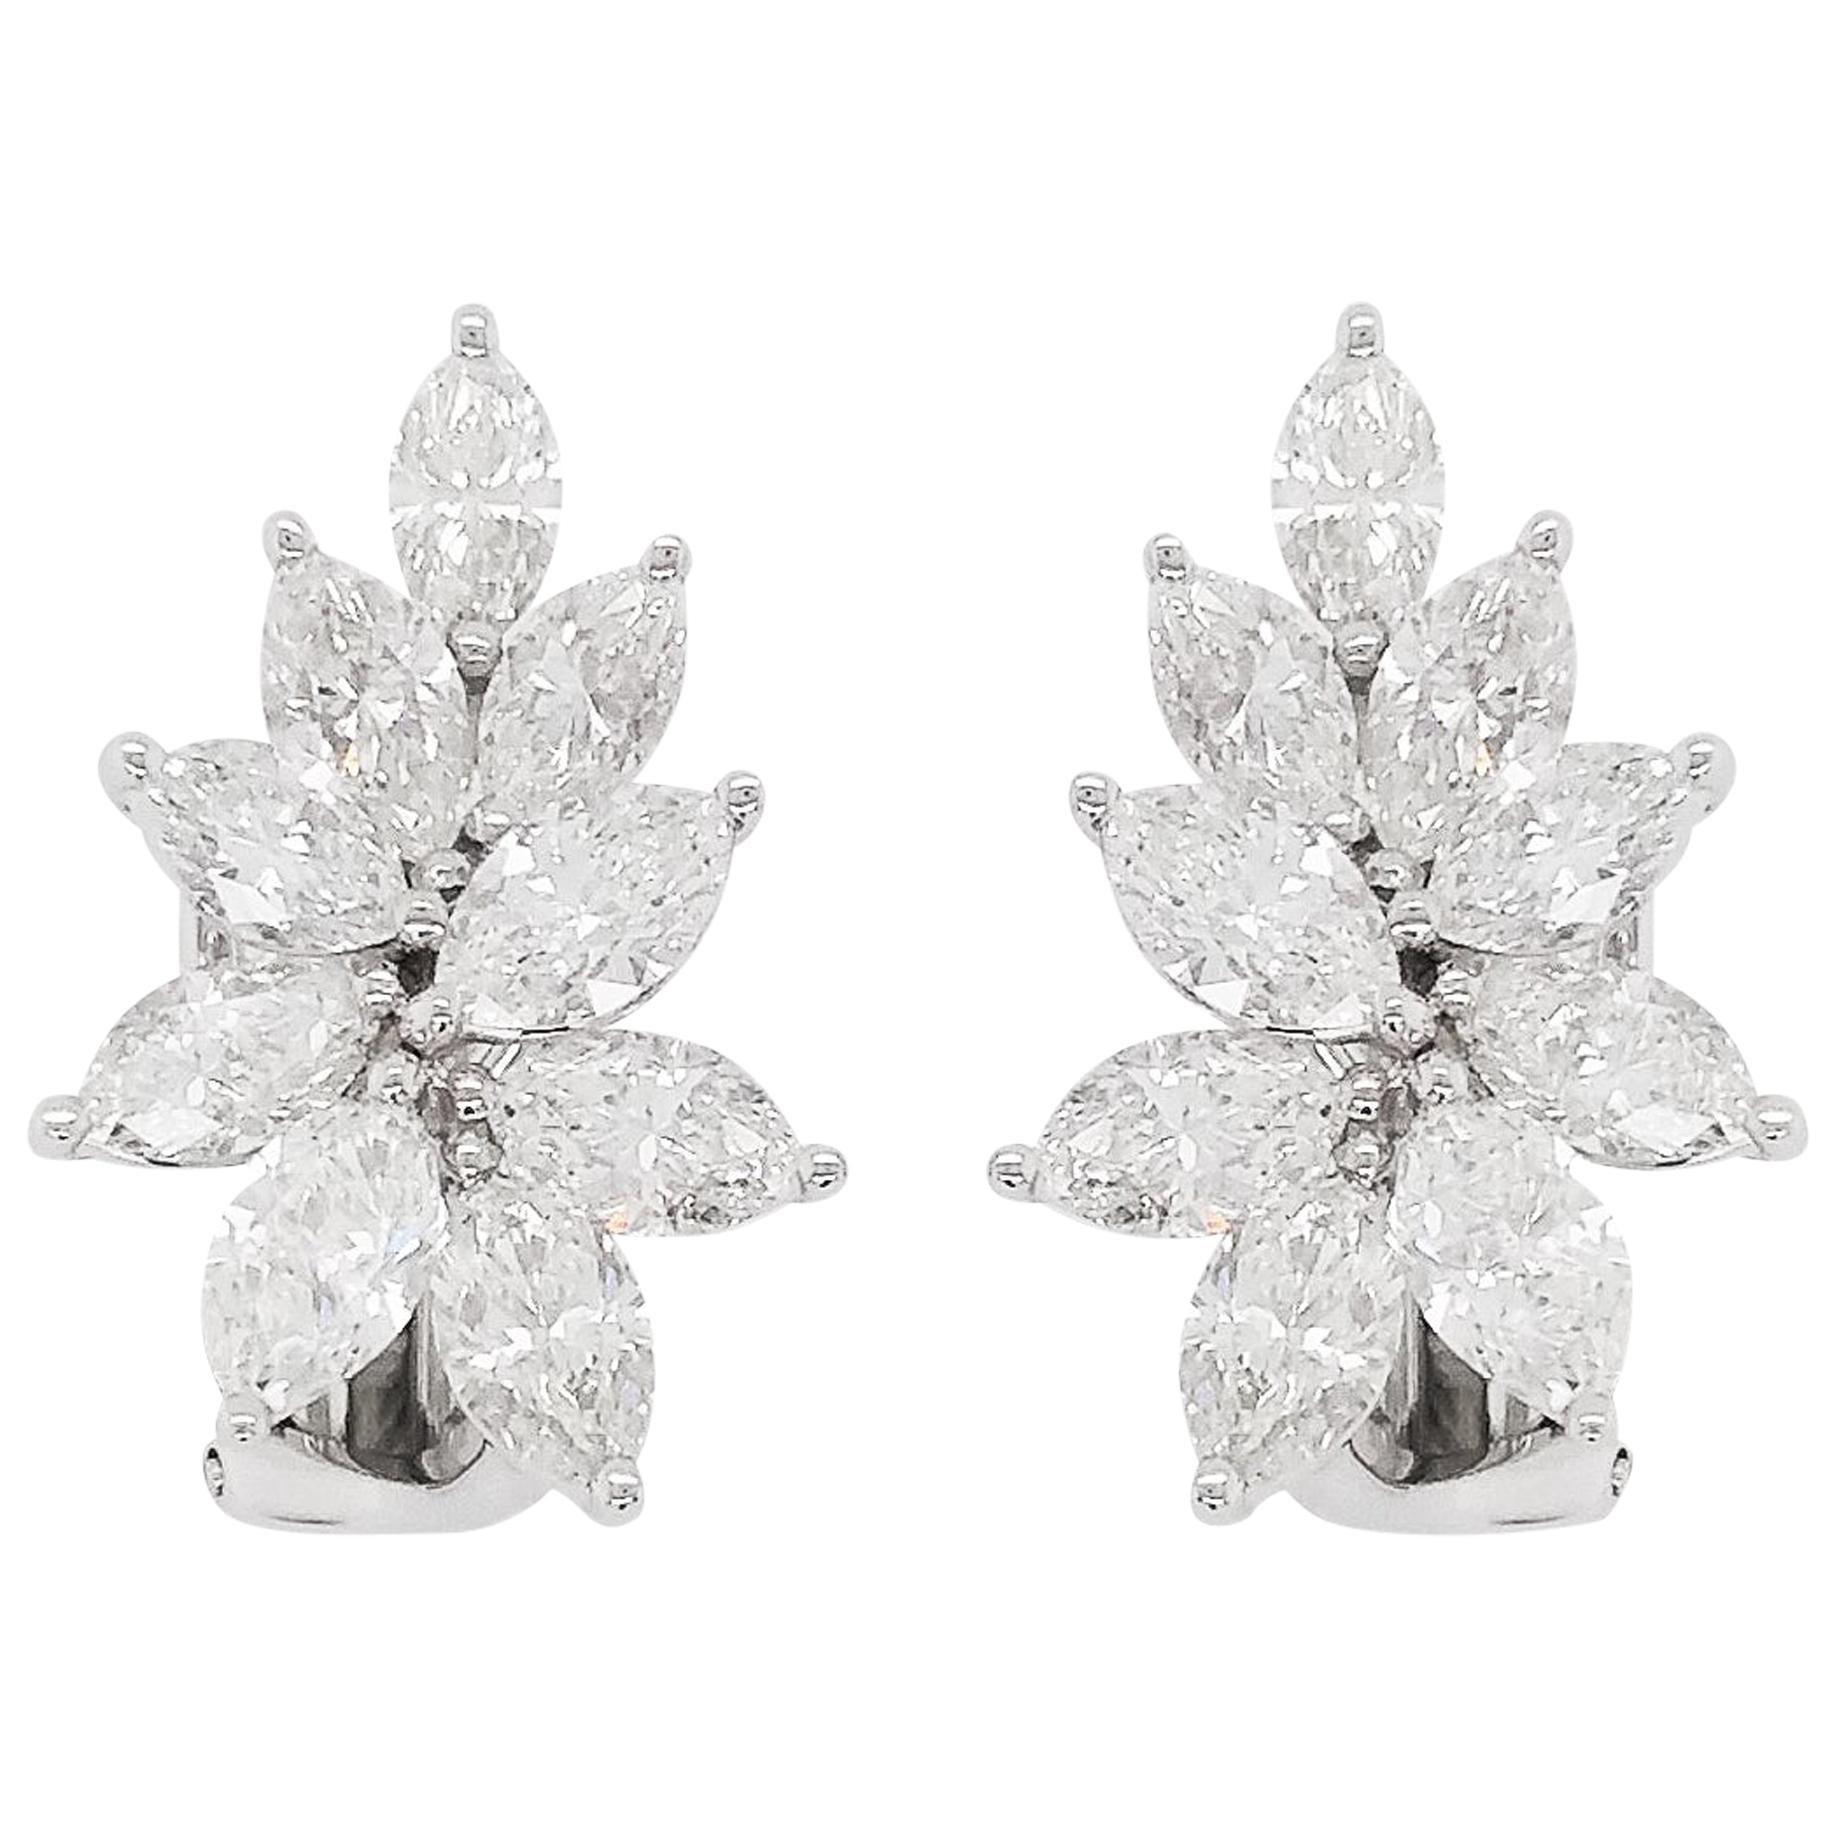 Natural White Diamonds in 18 Karat White Gold Earrings